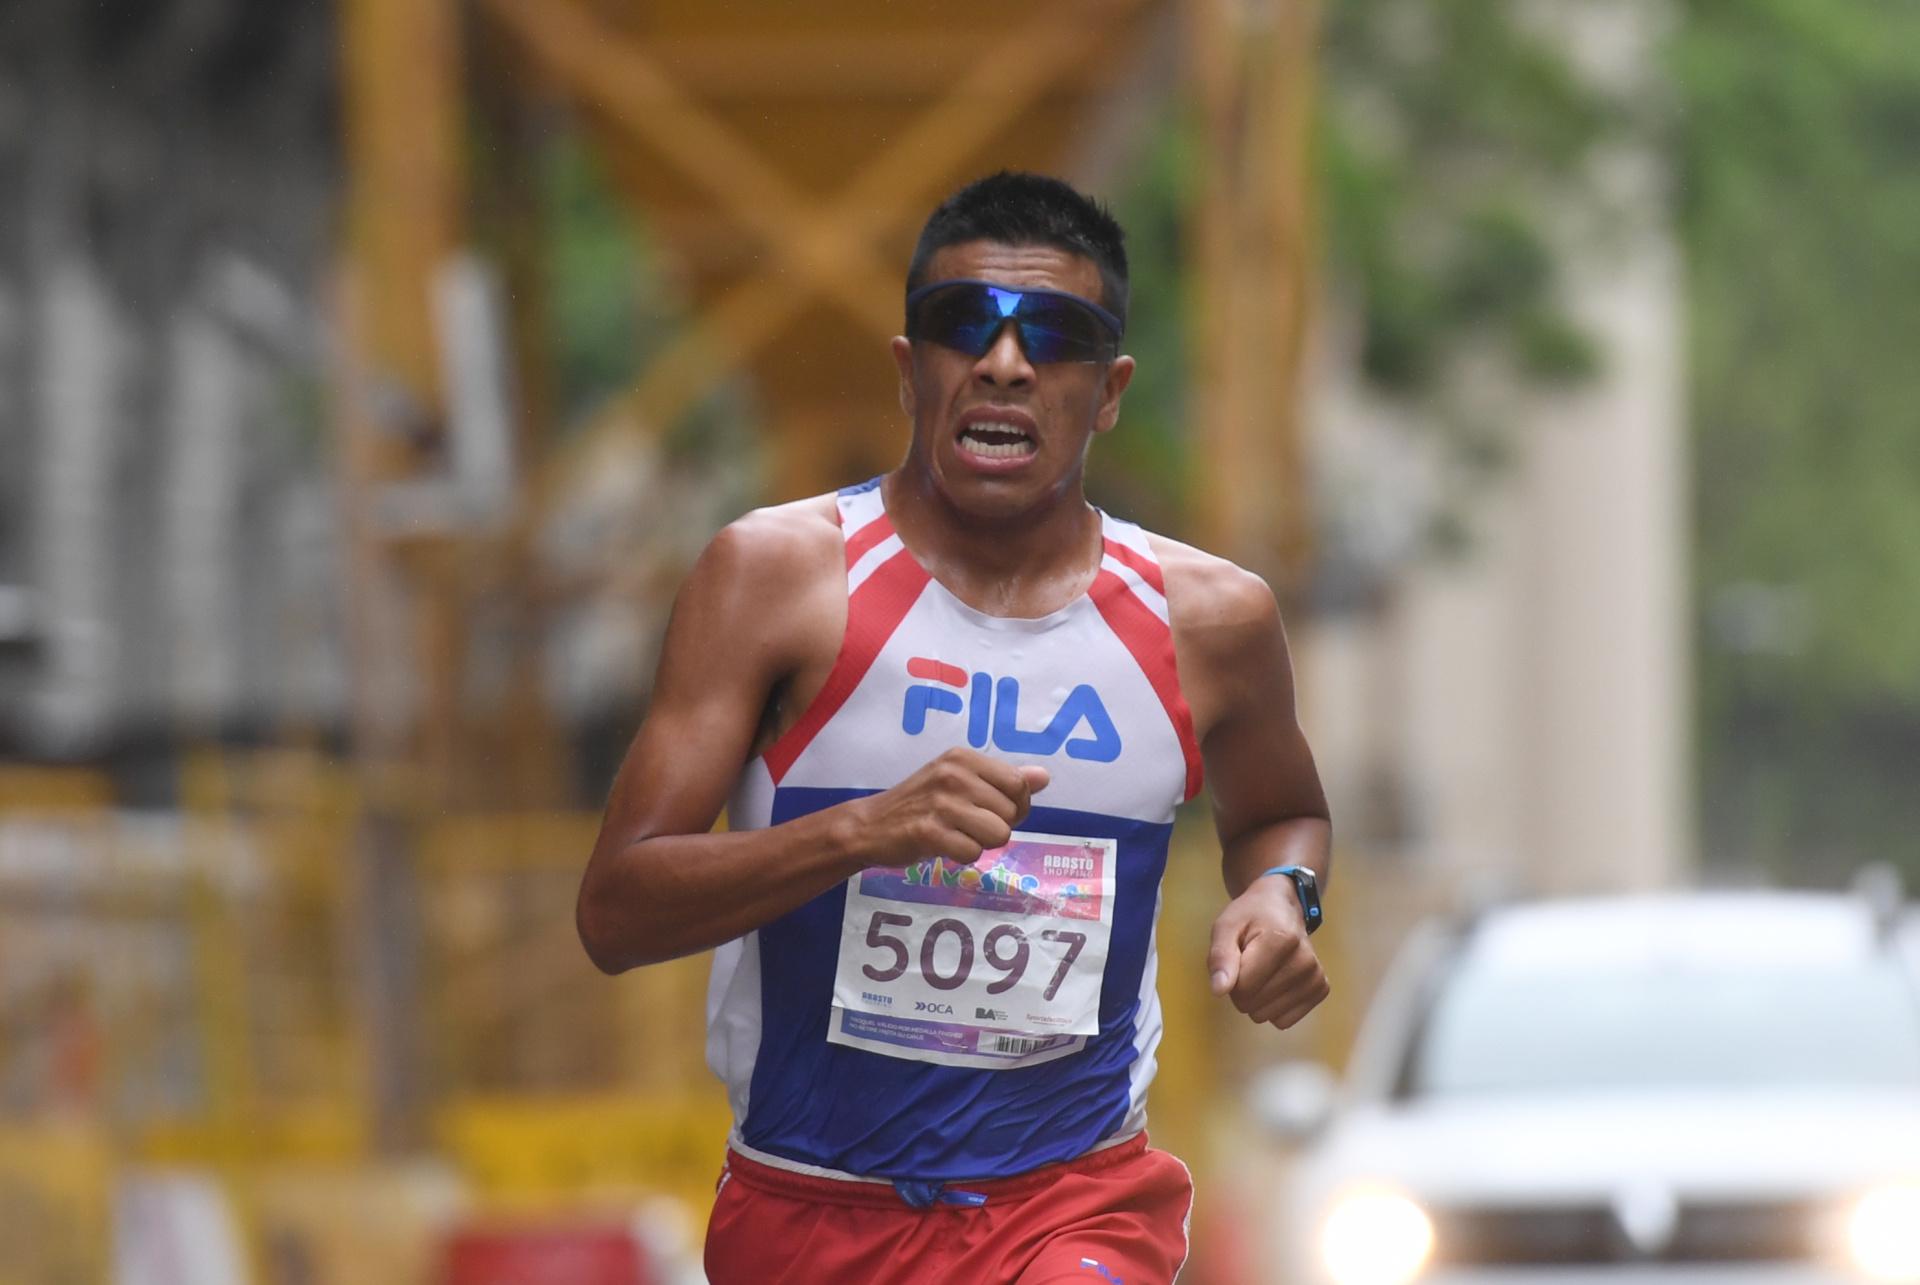 El ganador David Rodríguez dejó una lesión atrás para llegar en condiciones a esta carrera que disputó por primera vez (Maximiliano Luna)